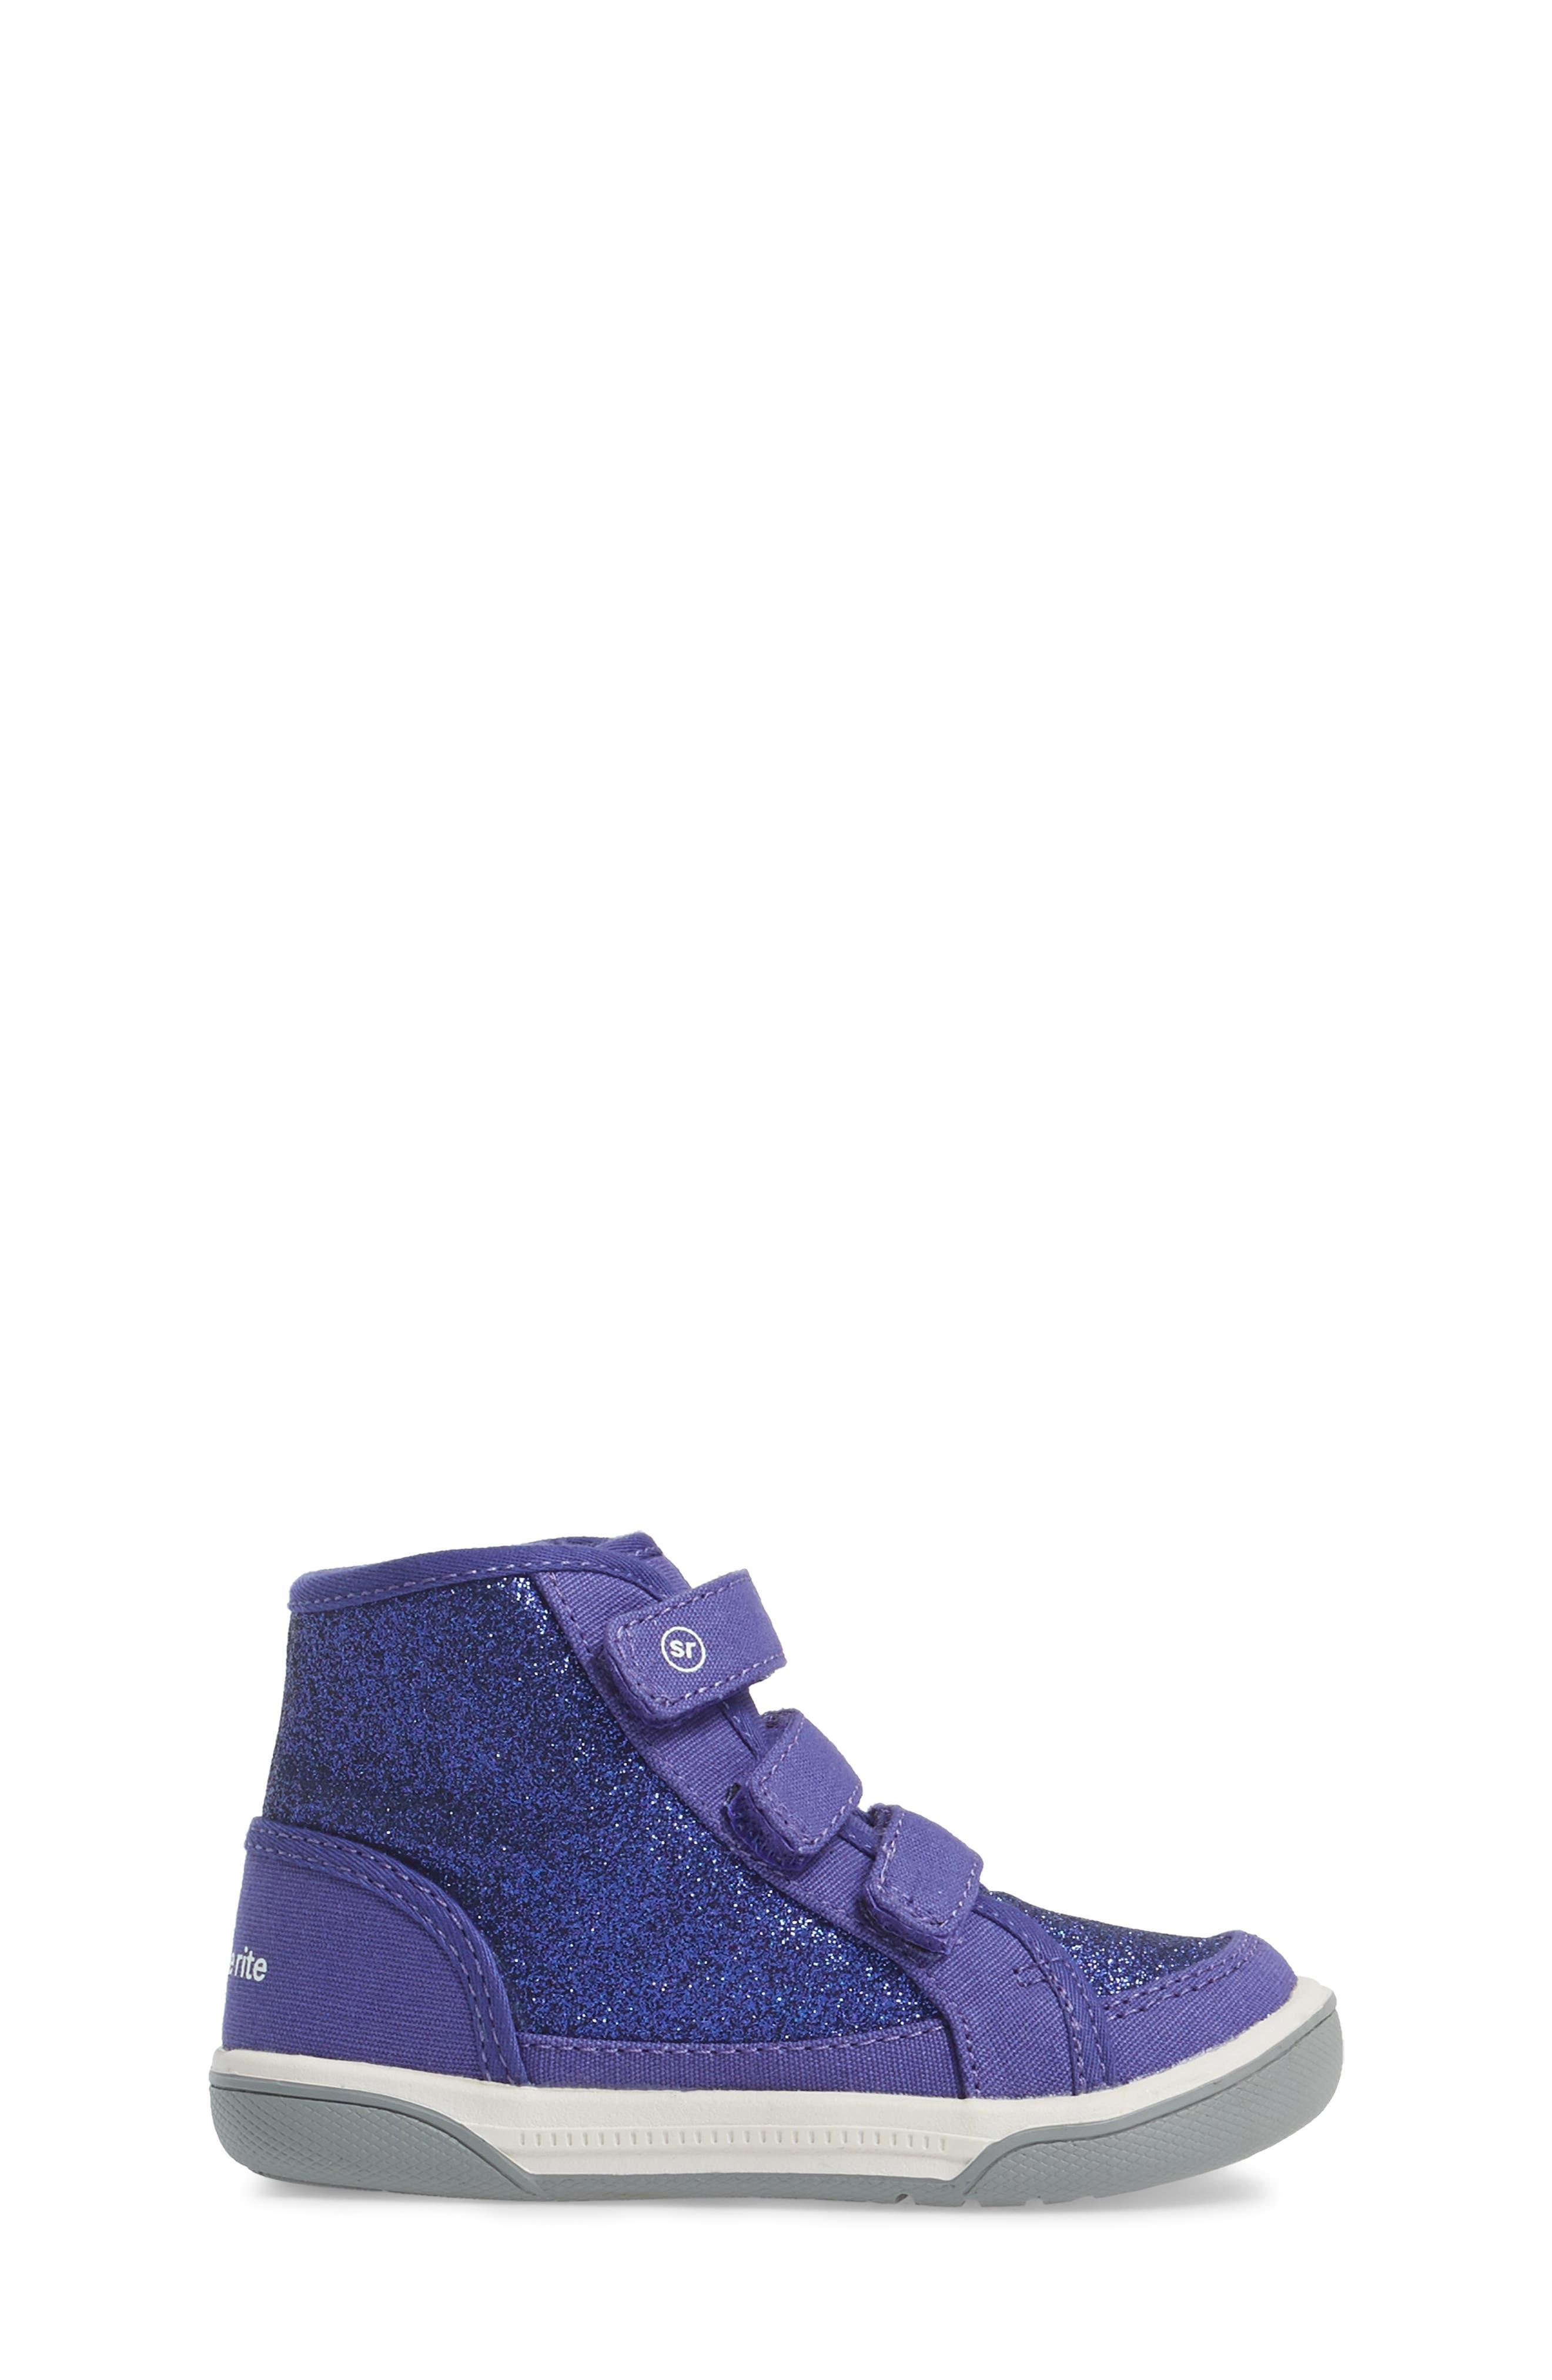 Ellis Glitter High Top Sneaker,                             Alternate thumbnail 3, color,                             500